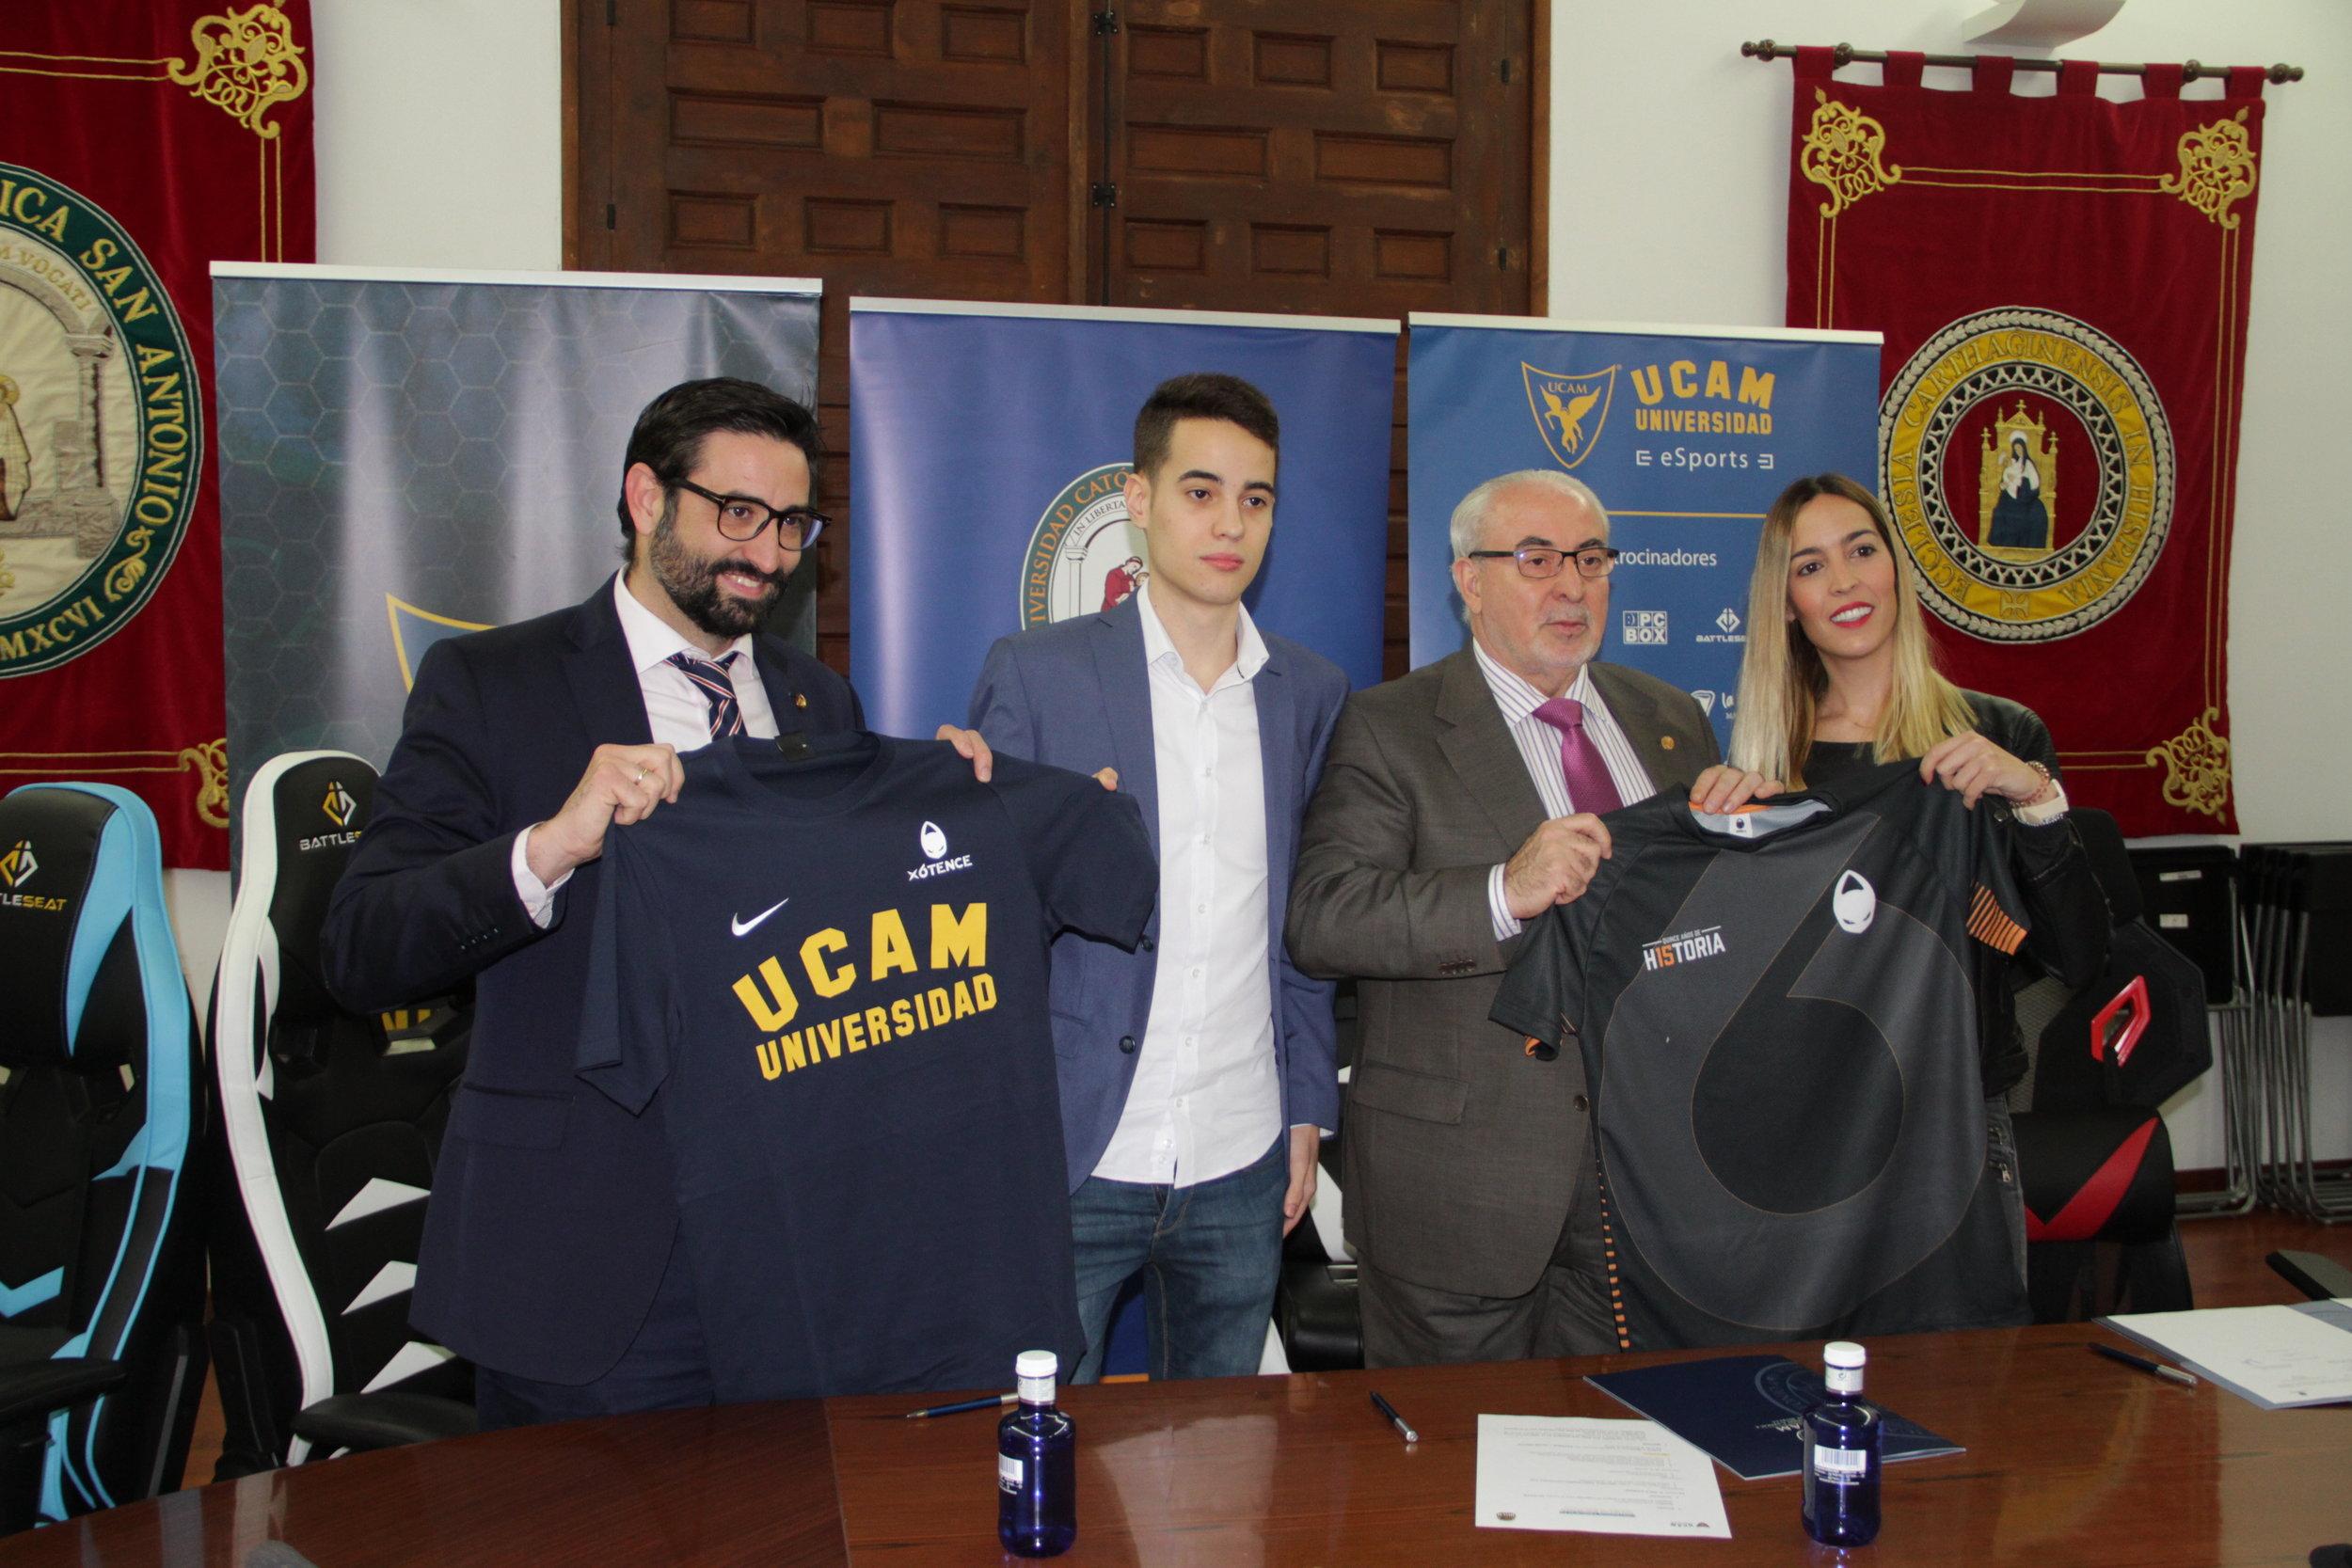 En la foto: Samuel Mendoza  (Director General UCAM eSports) -  Luis 'Koldo' Pérez  (jugador de League of Legends en x6tence)  - José Luis Mendoza Pérez  (Presidente de la UCAM)  - María Rodríguez Varó  (COO en x6tence eSports Club)